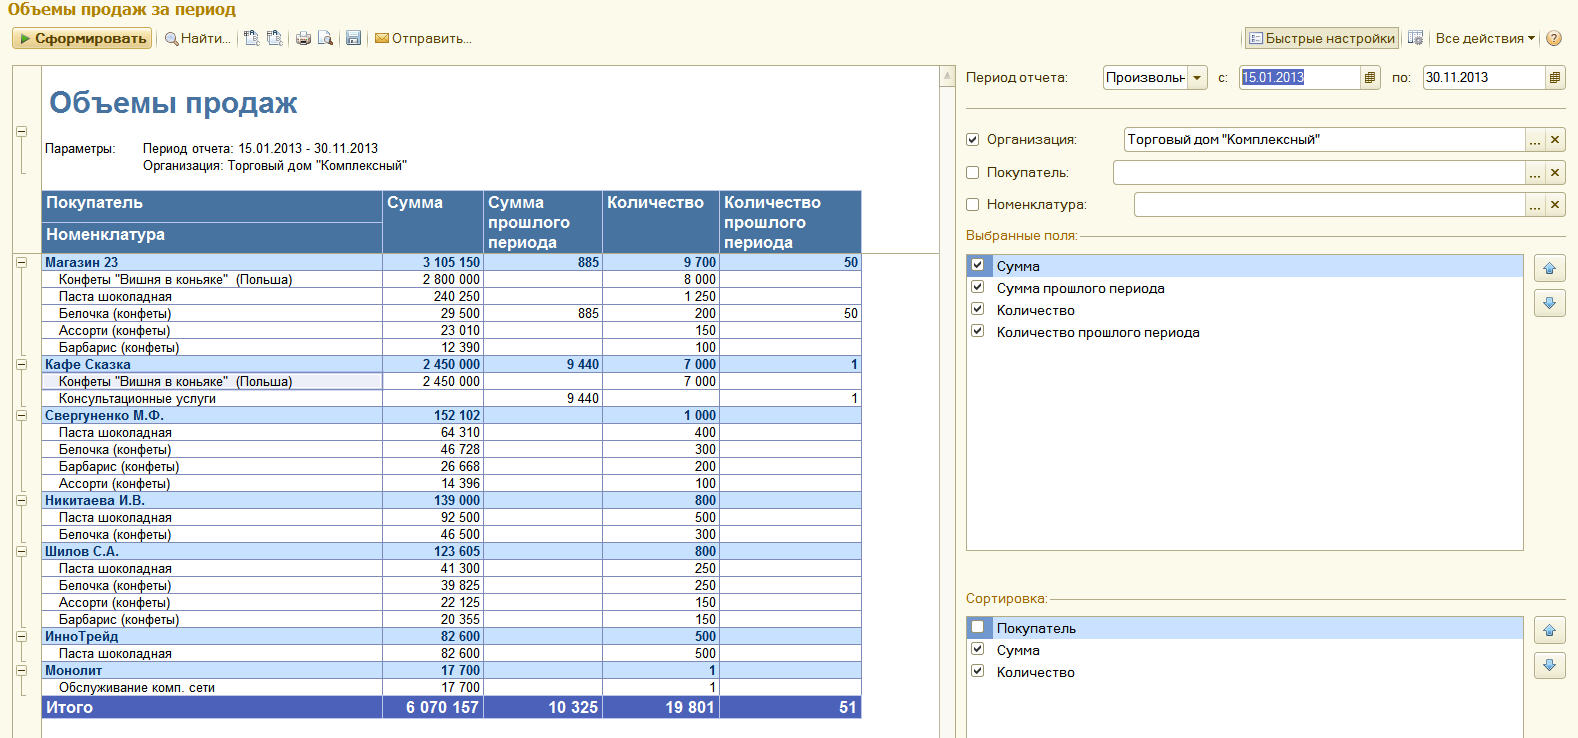 1с отчет по продажам товаров за период 1с поле вариант оформления продажи не заполнено